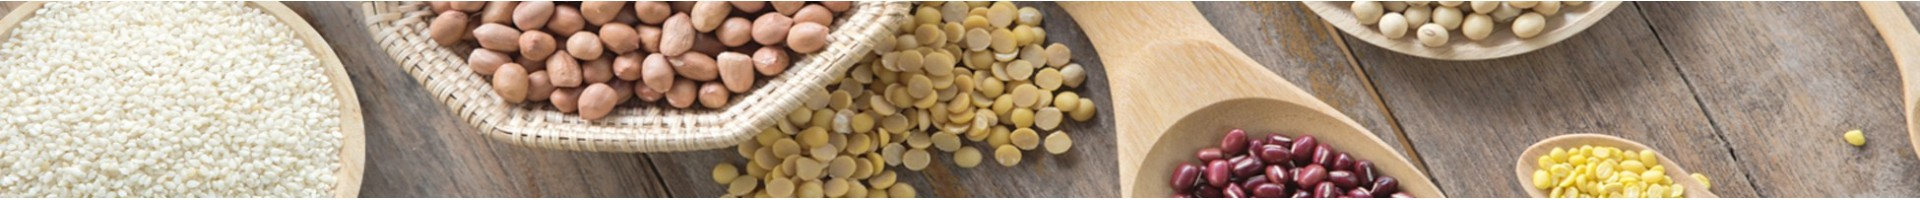 Arroces, Harinas y Cereales Ecológicos | Compra Online | La Finestra